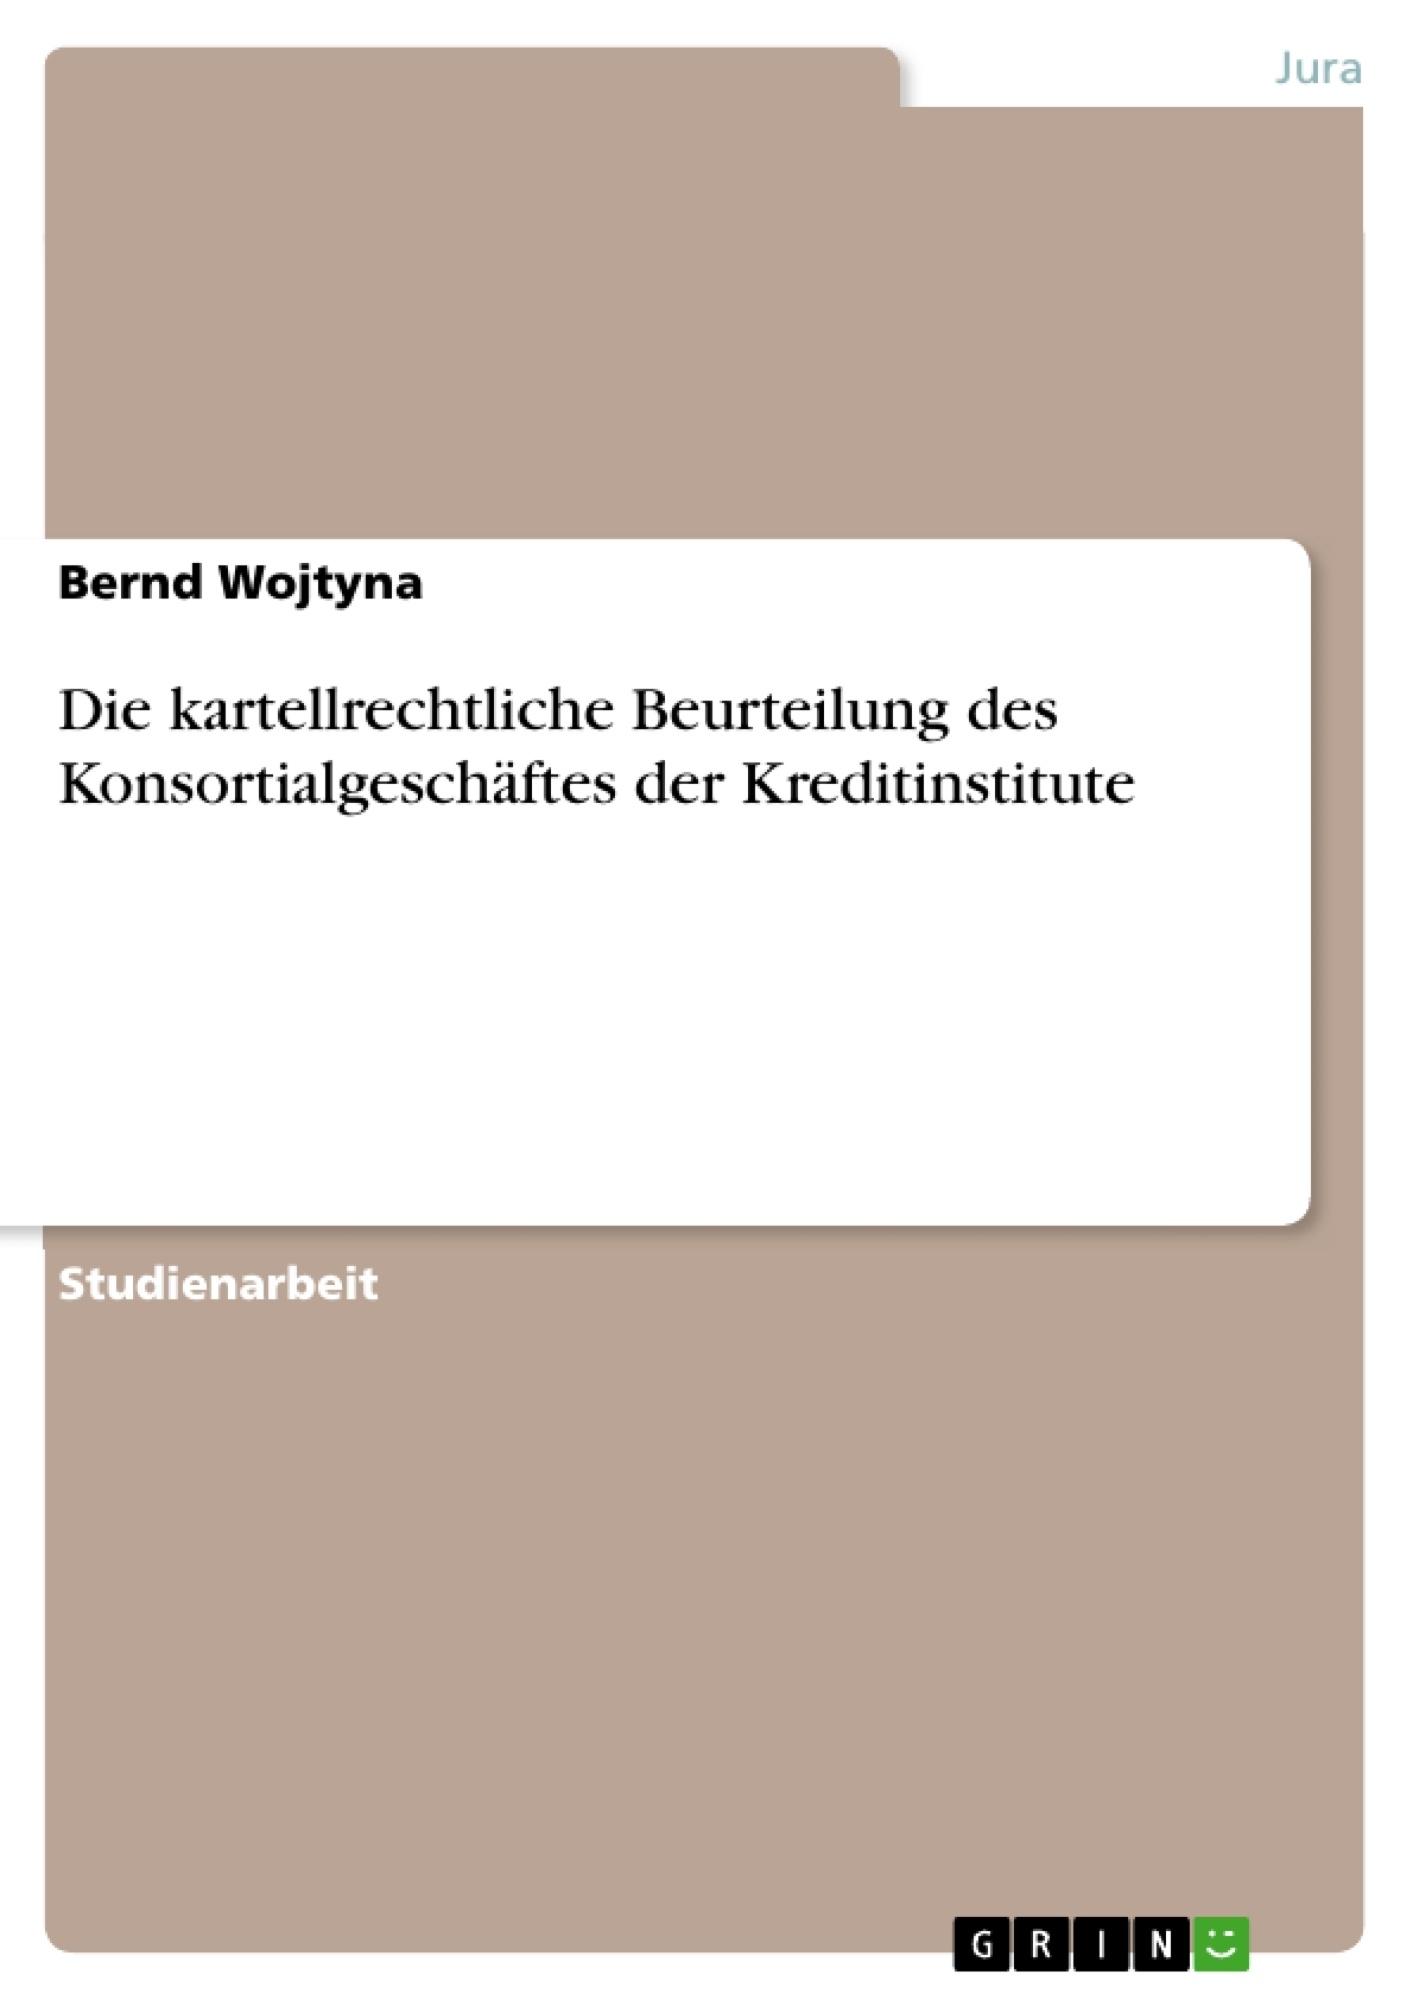 Titel: Die kartellrechtliche Beurteilung des Konsortialgeschäftes der Kreditinstitute